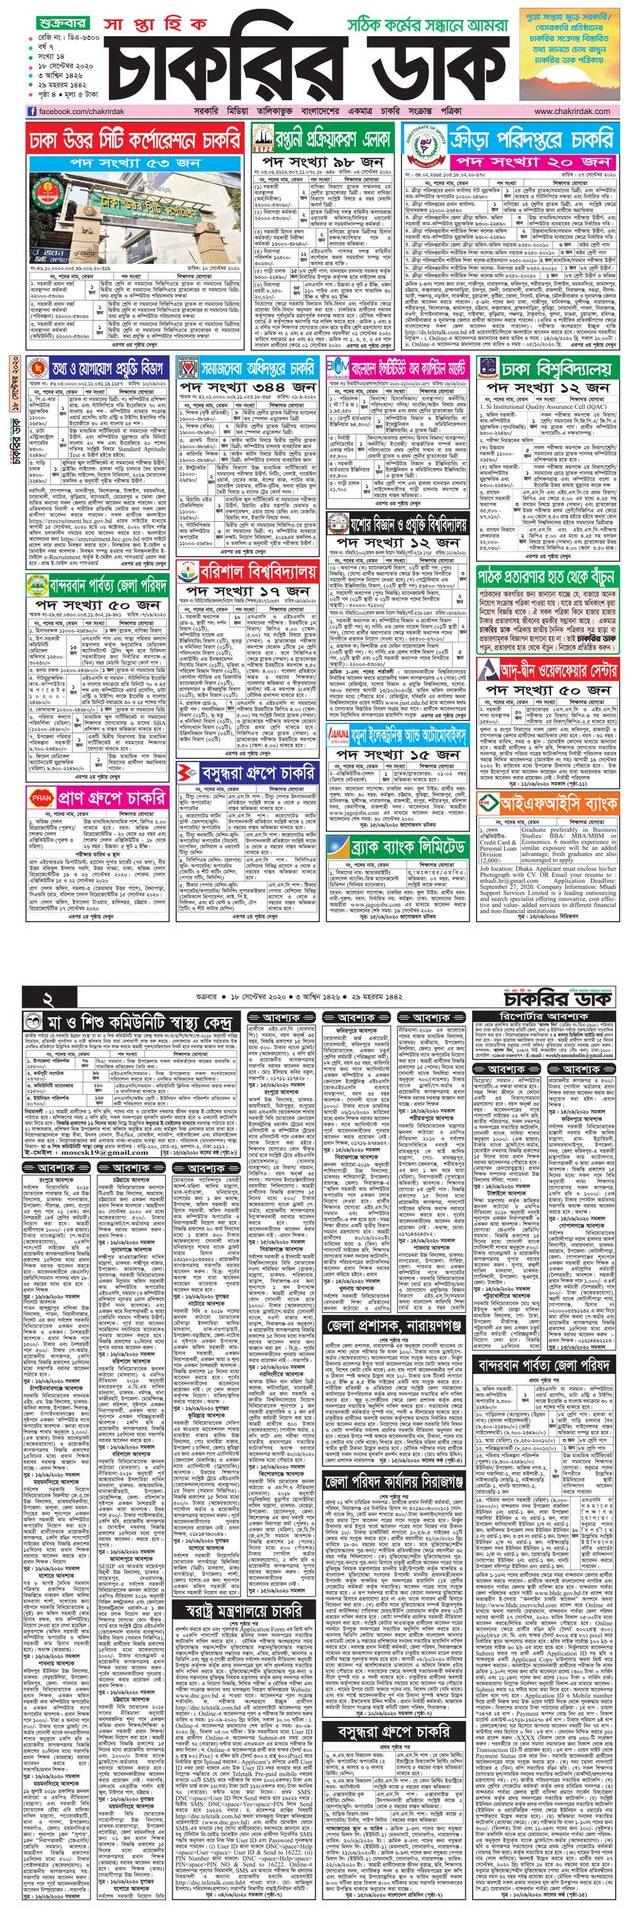 Weekly Jobs Newspaper 18 September 2020